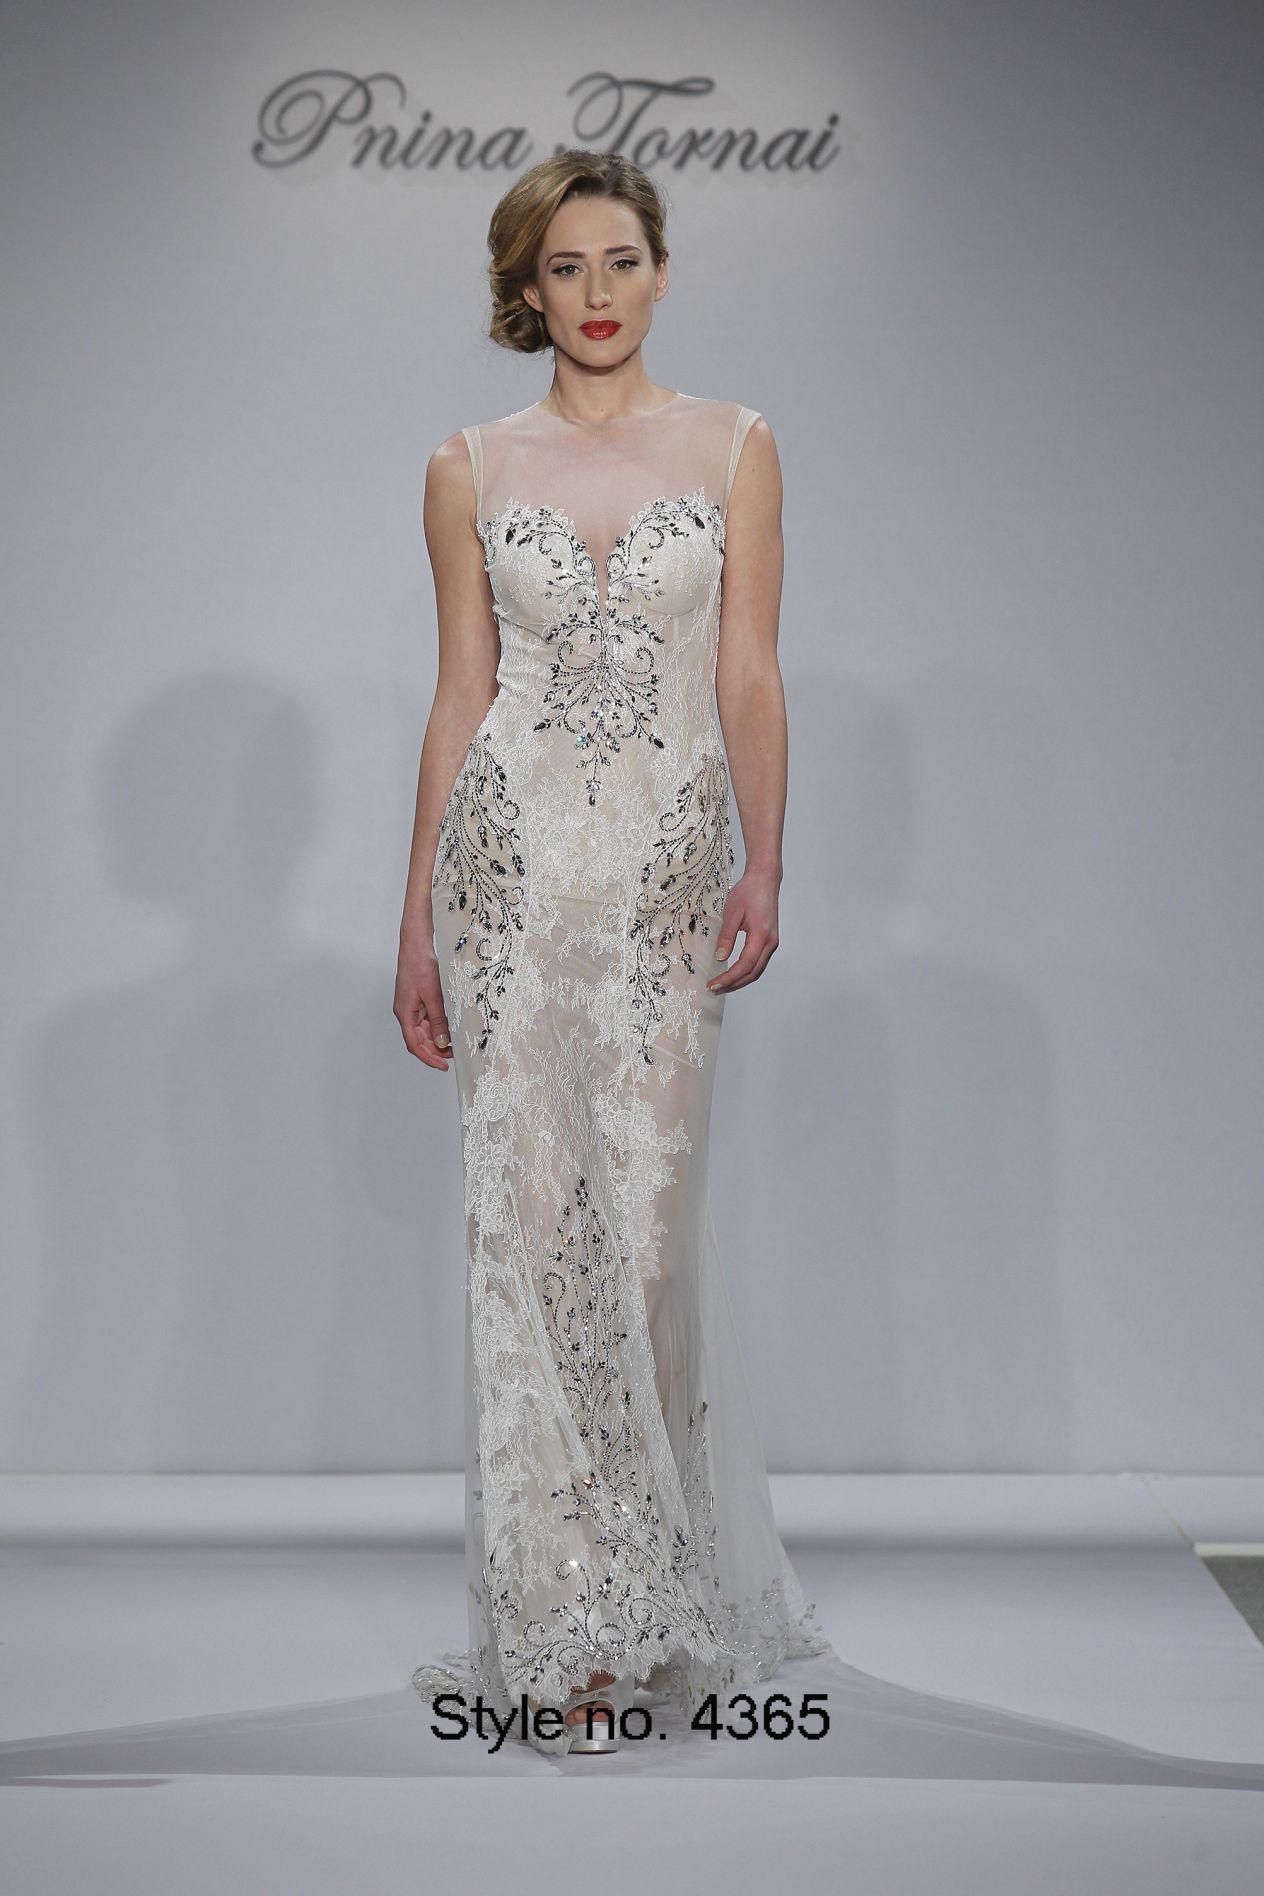 Pnina Tornai 2015 Mermaid Wedding Dresses Beaded Crystals